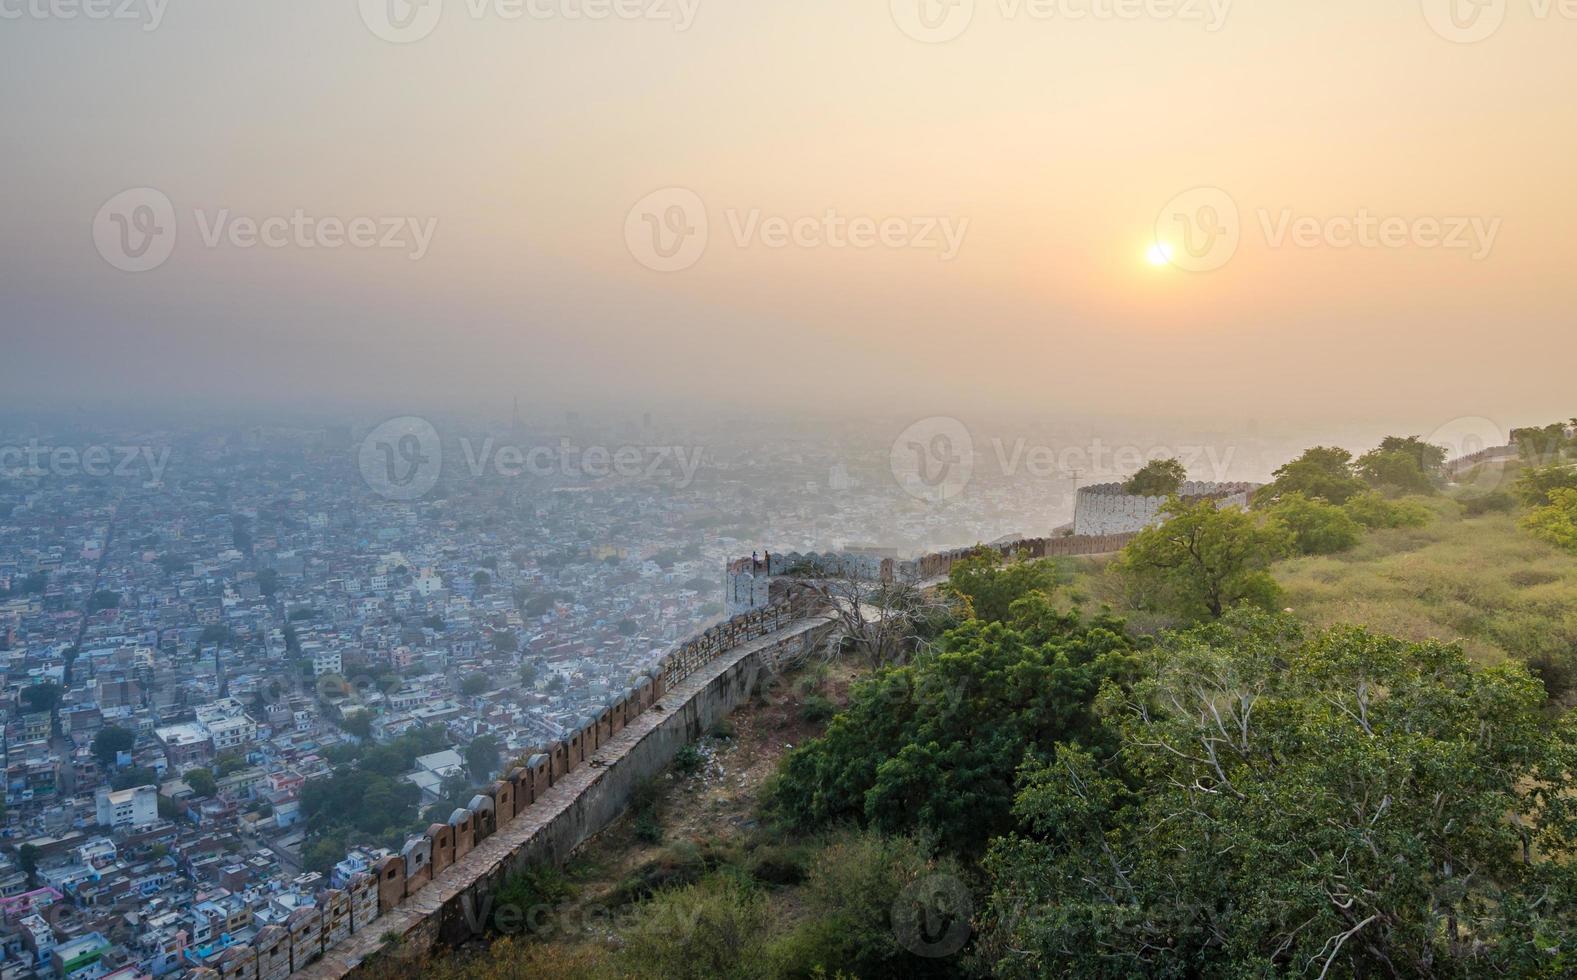 Atardecer en el fuerte de Nahargarh y vista a la ciudad de Jaipur foto